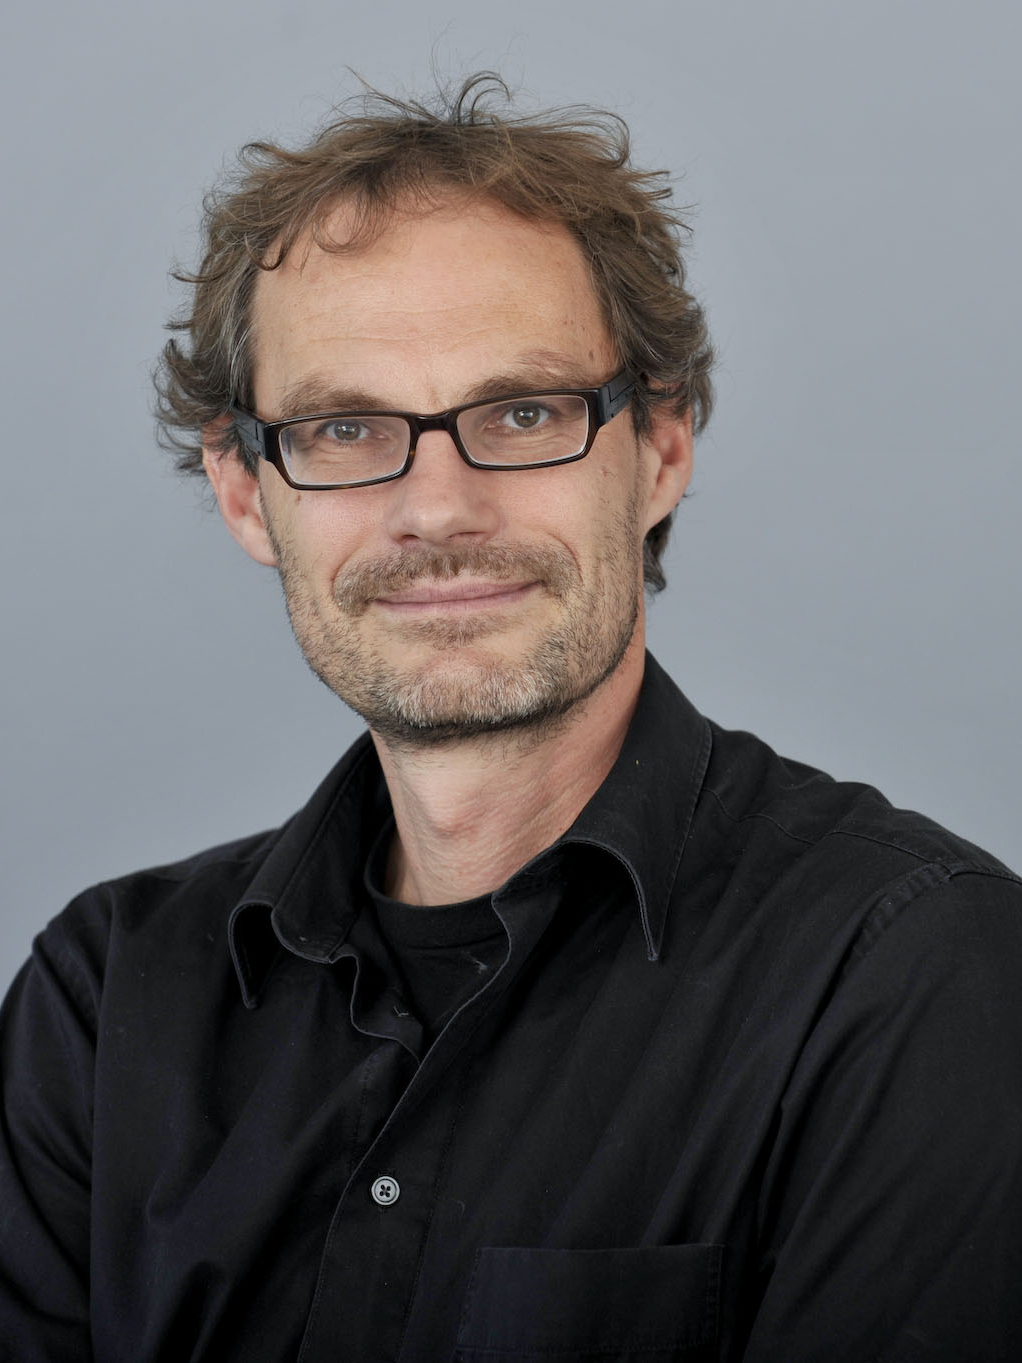 Matthias Drobinski